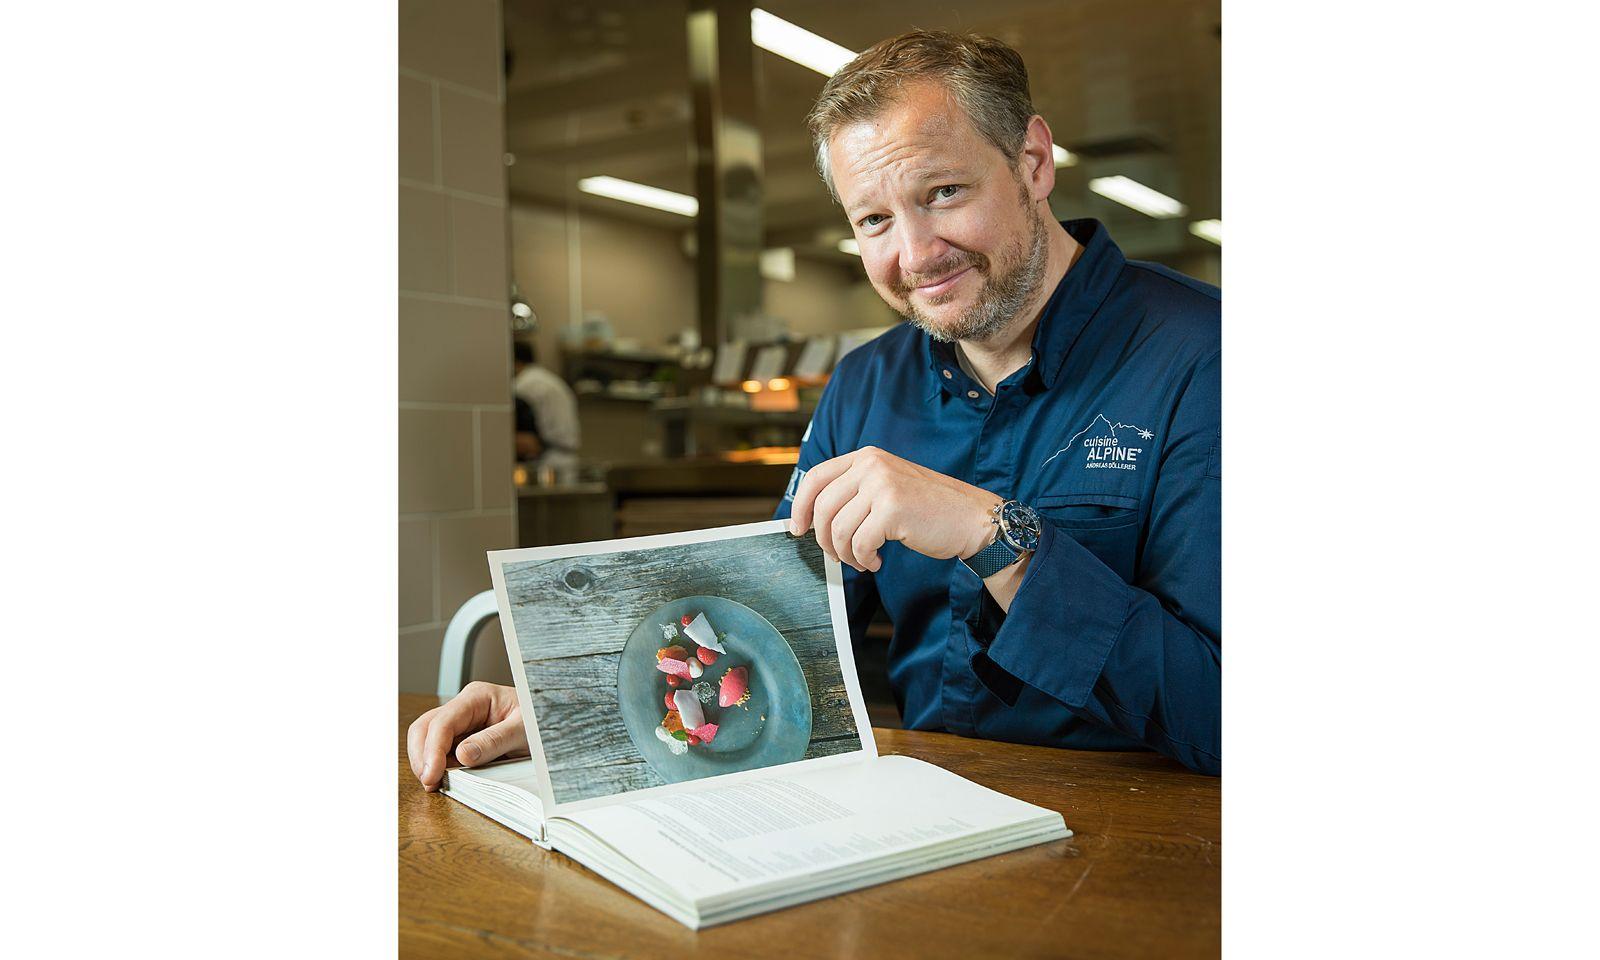 Küchengeschichte. Der Haubenkoch serviert seine Cuisine Alpine auch in Buchform.